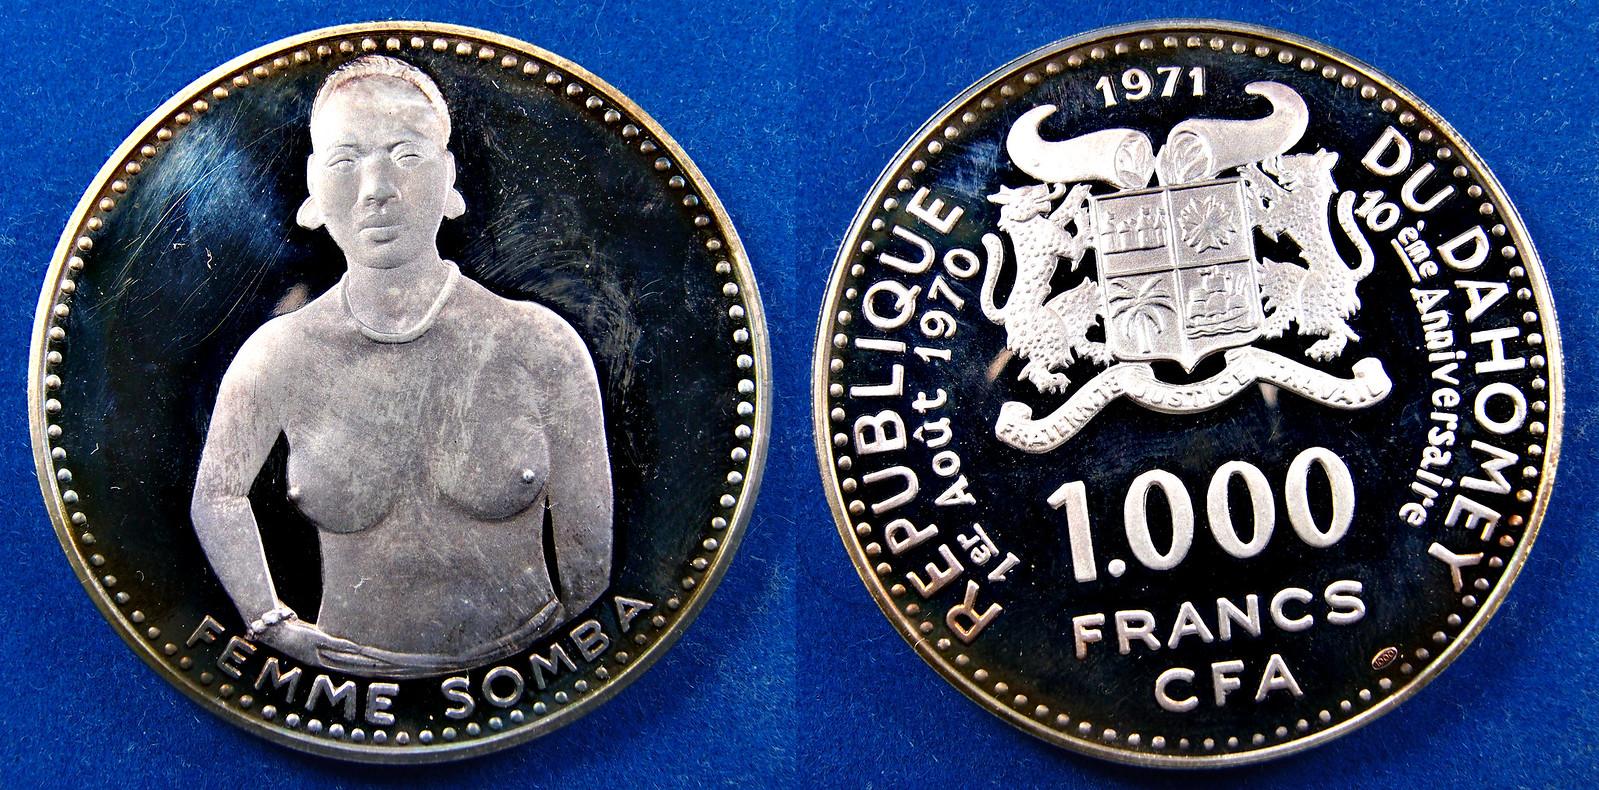 1.000 FRANCS CFA 1971 - REPUBLICA DE DAHOMEY. 15823724500_4ca14b37b0_h